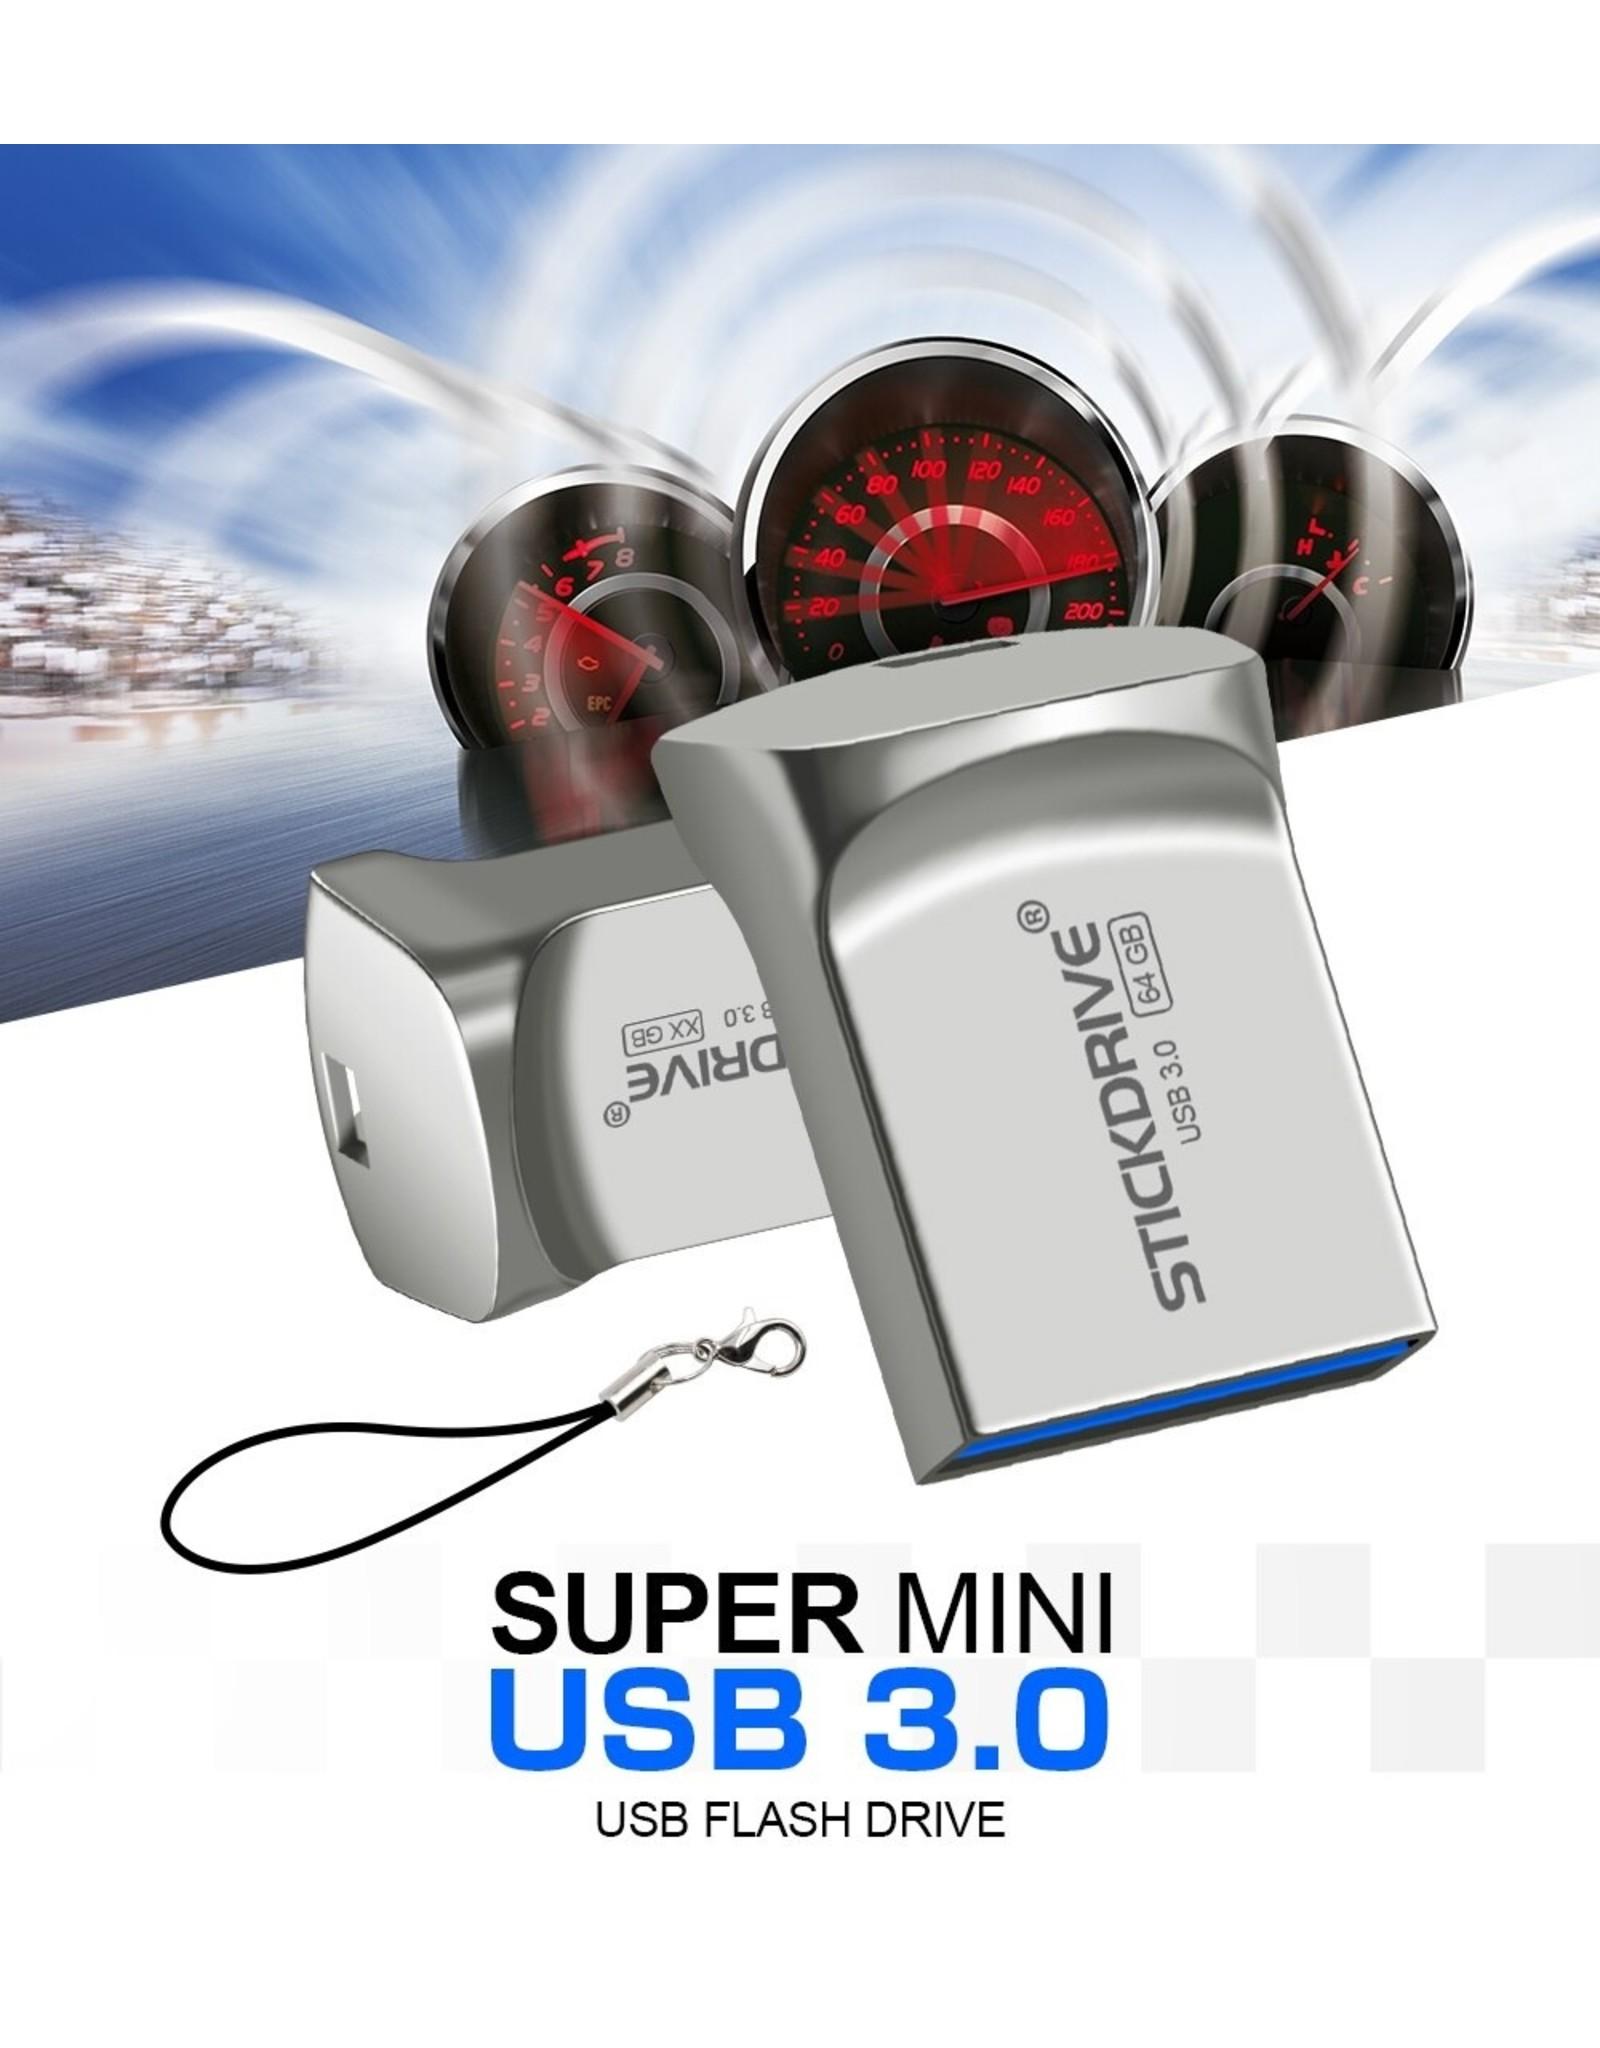 Hoge snelheid USB 3.0 mini-flashdrive Waterdichte USB-flashdrive-geheugensticks